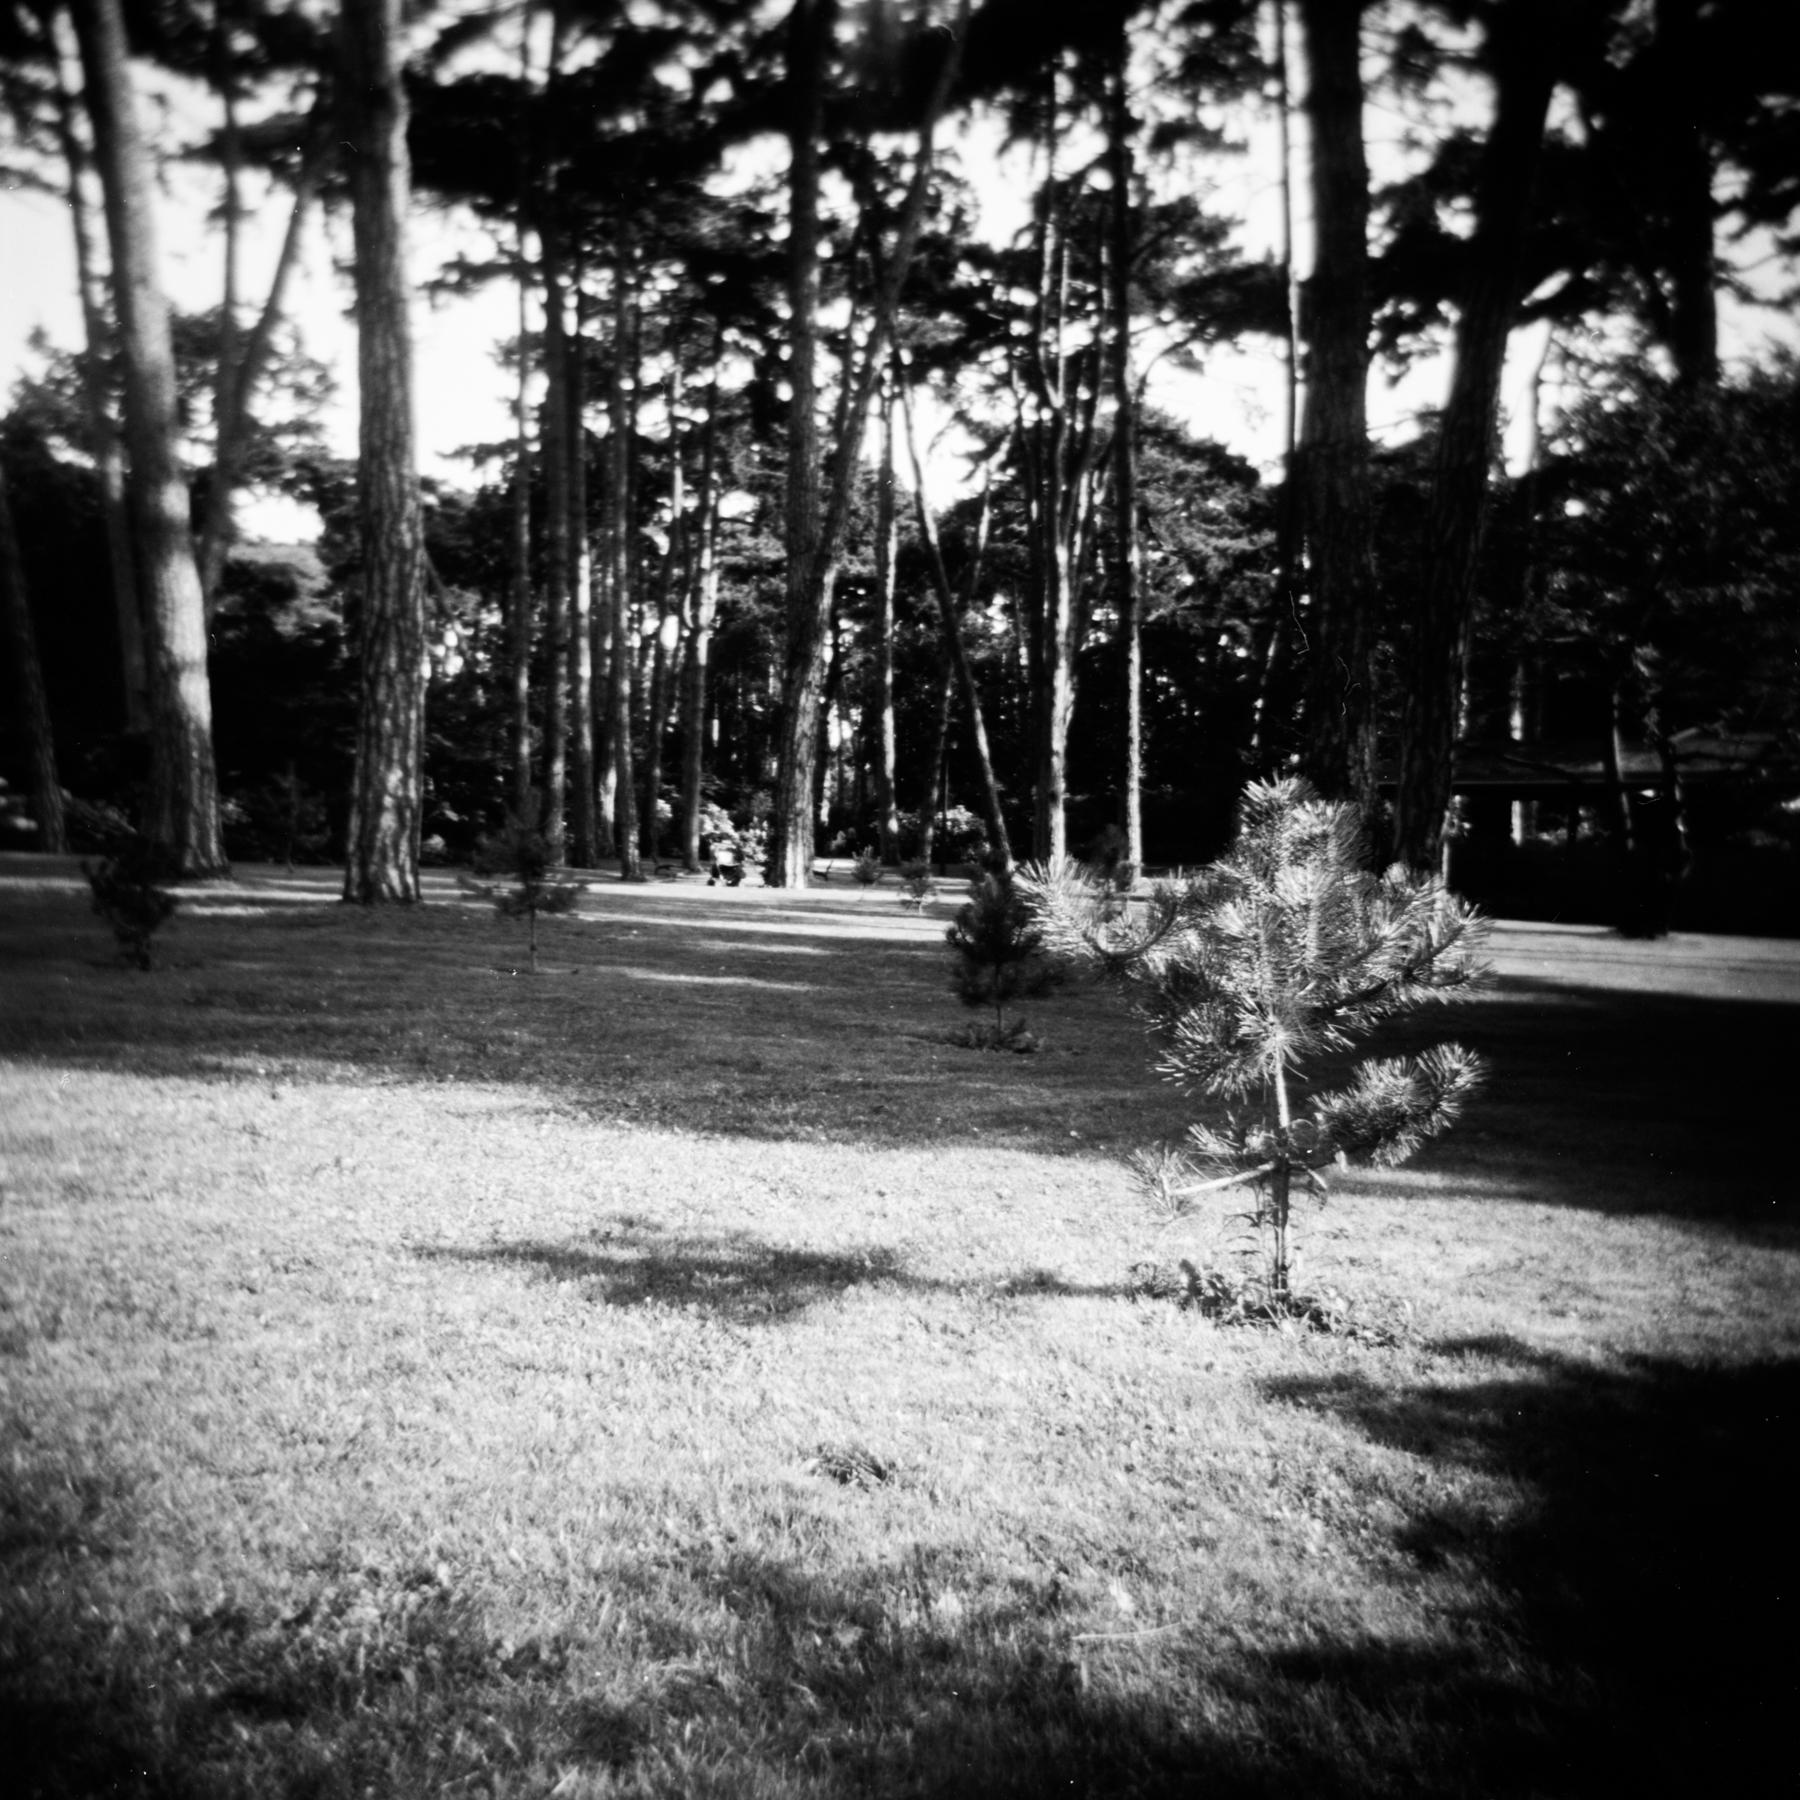 blackandwhiteparisphotography-45.jpg